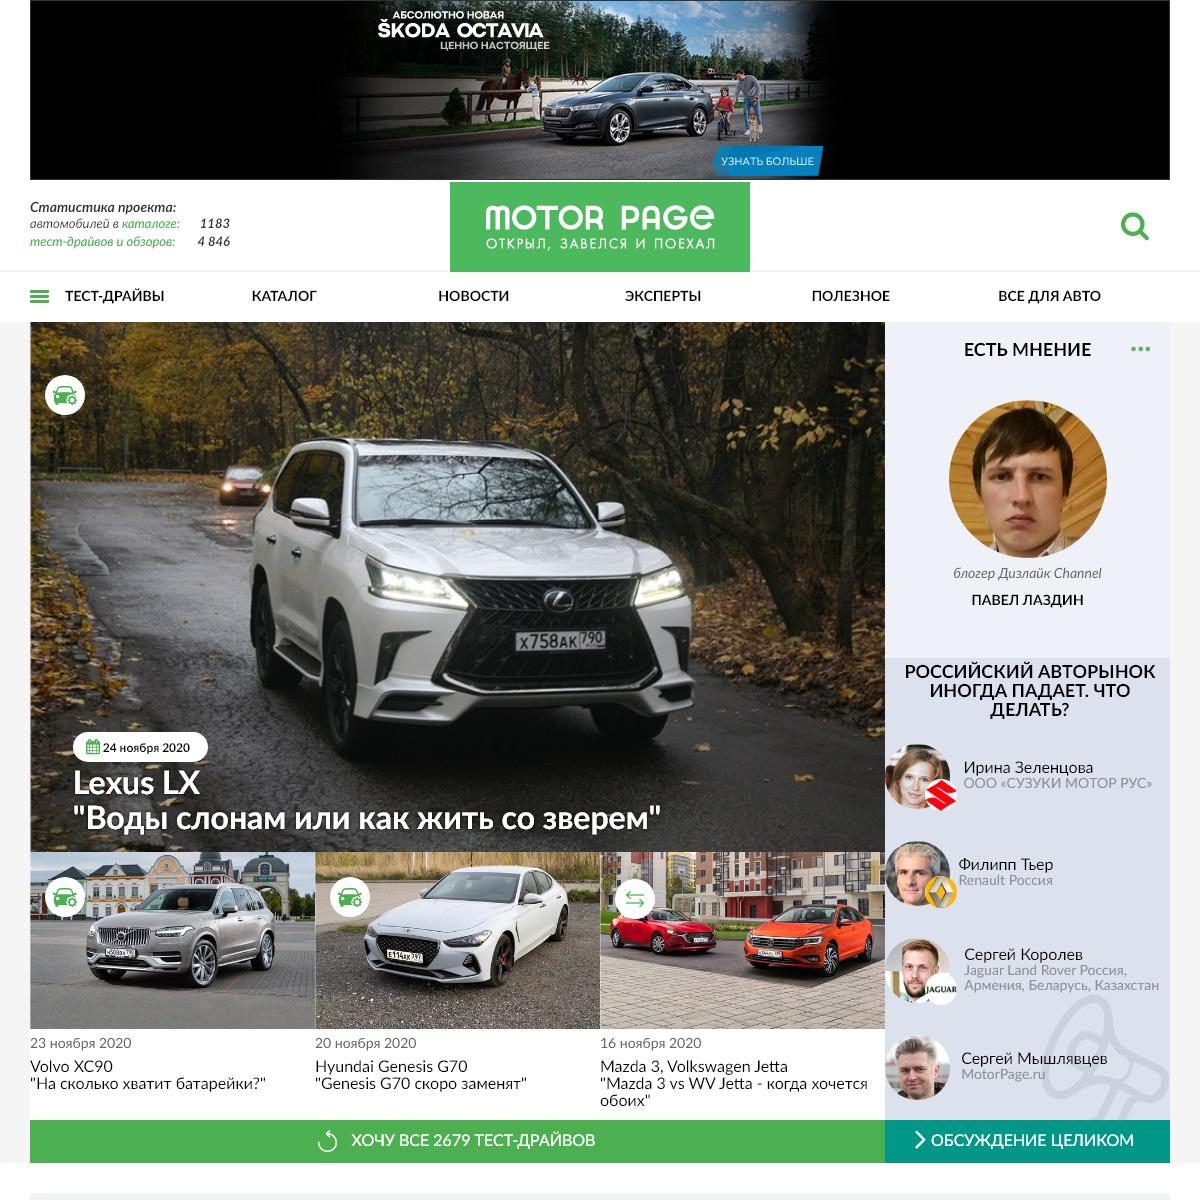 Автомобильный сайт MotorPage - все новые авто на одном портале